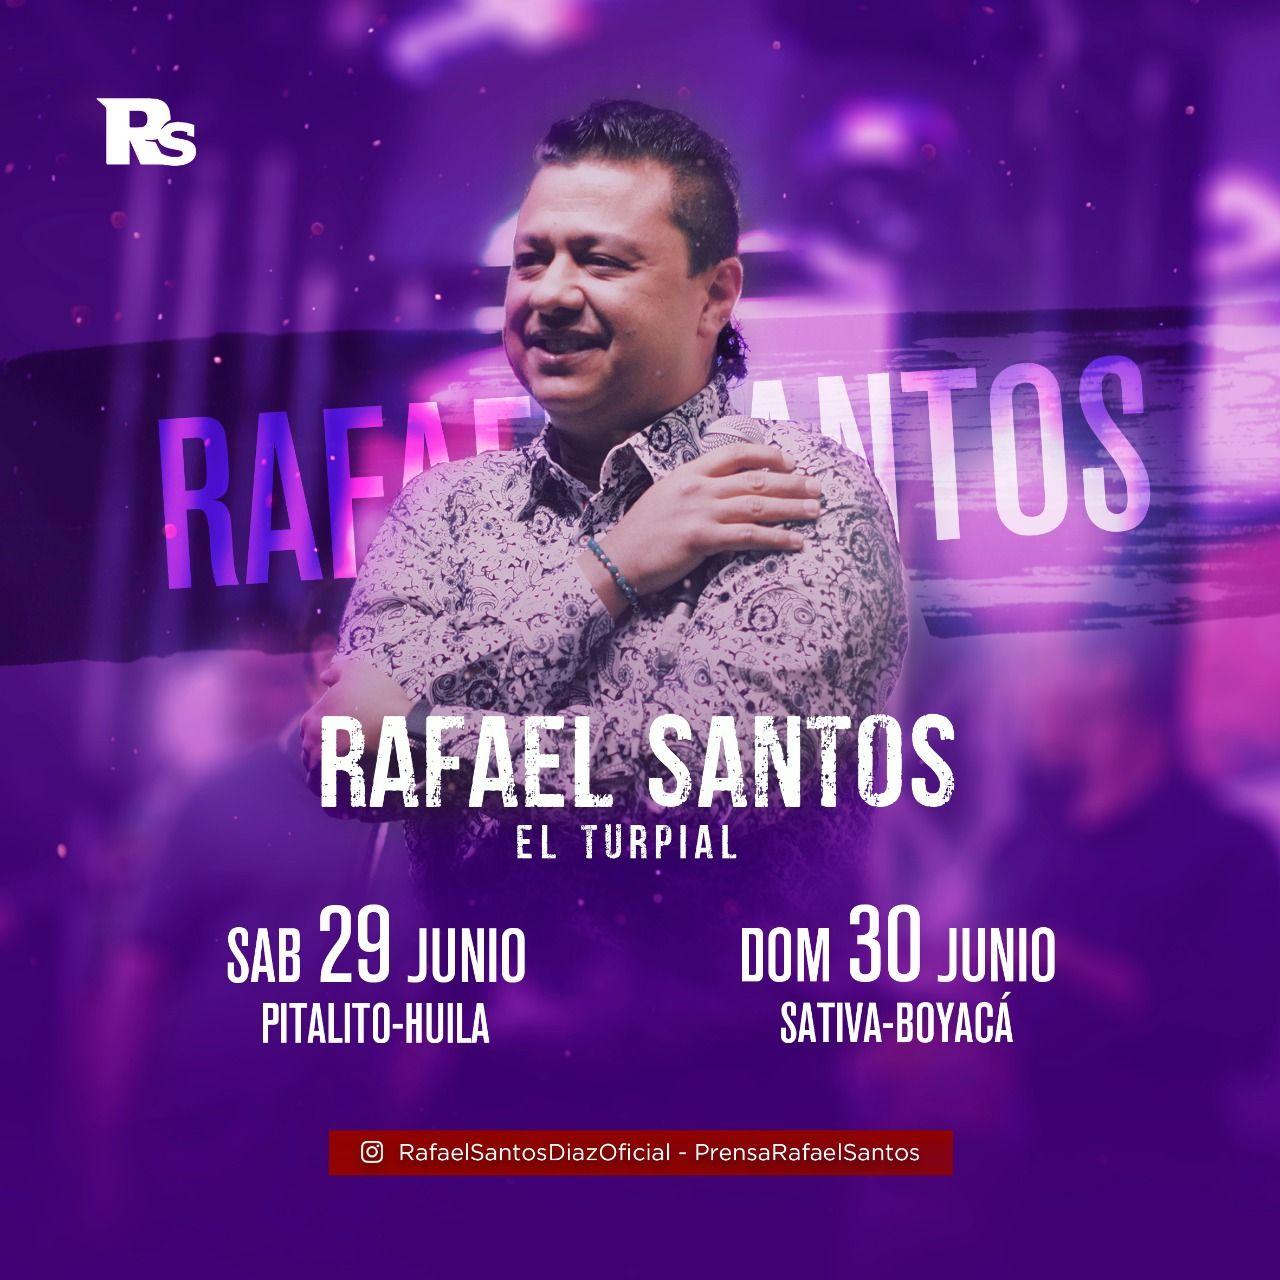 Rafael Santos de vuelta